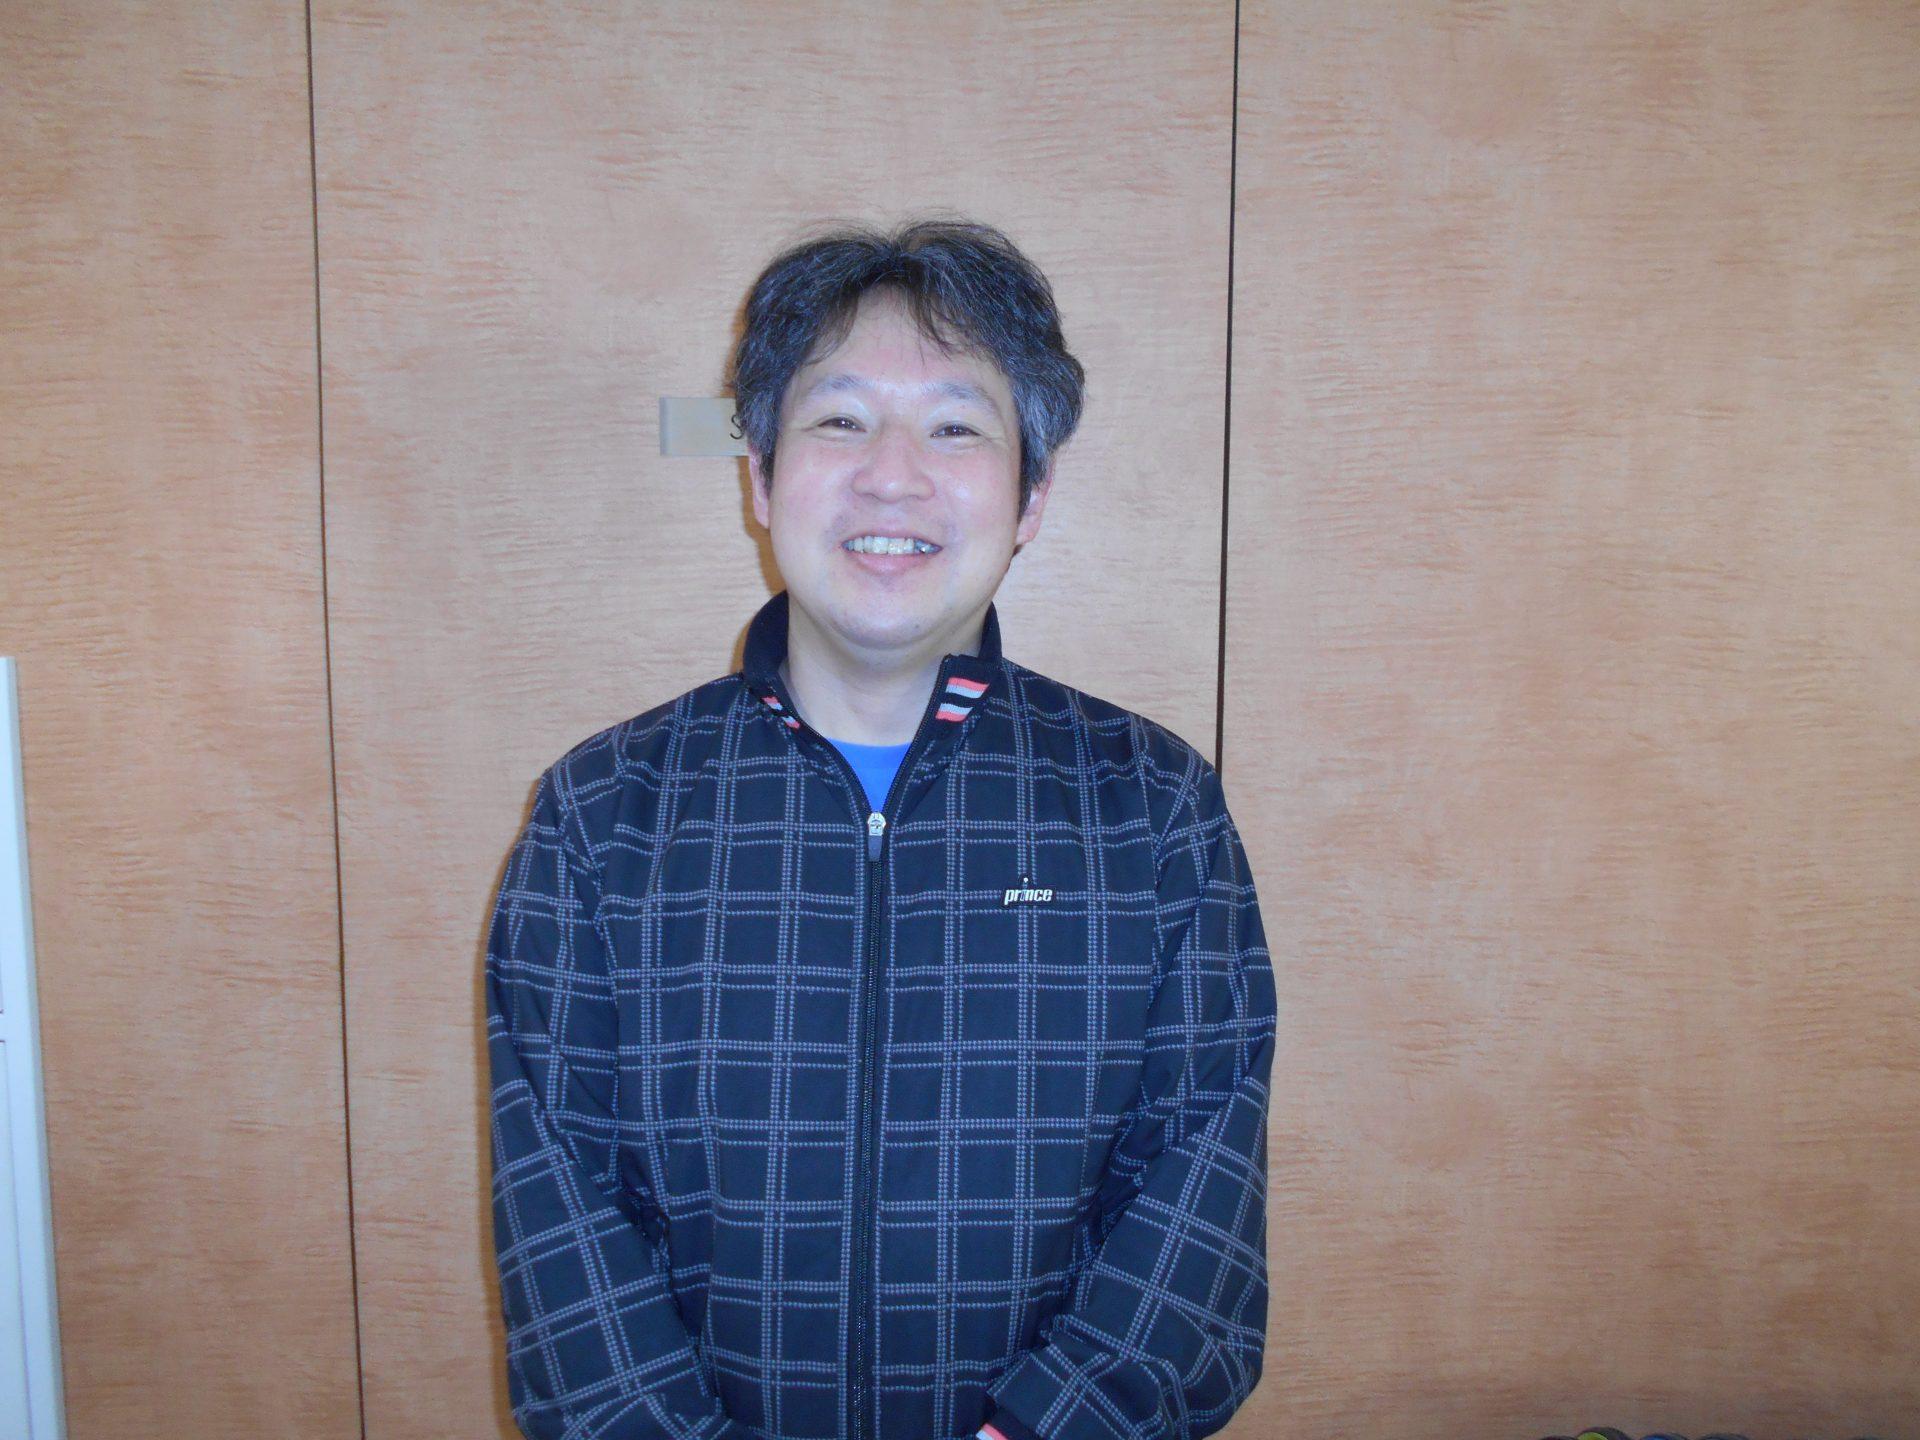 朝倉 周一郎(アサクラ シュウイチロウ)